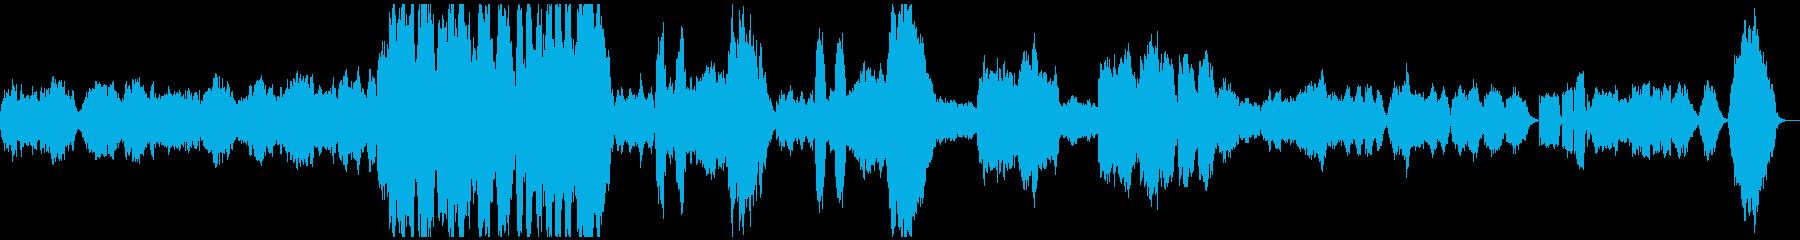 グリーグ/朝の気分01(フルオケ通常版)の再生済みの波形